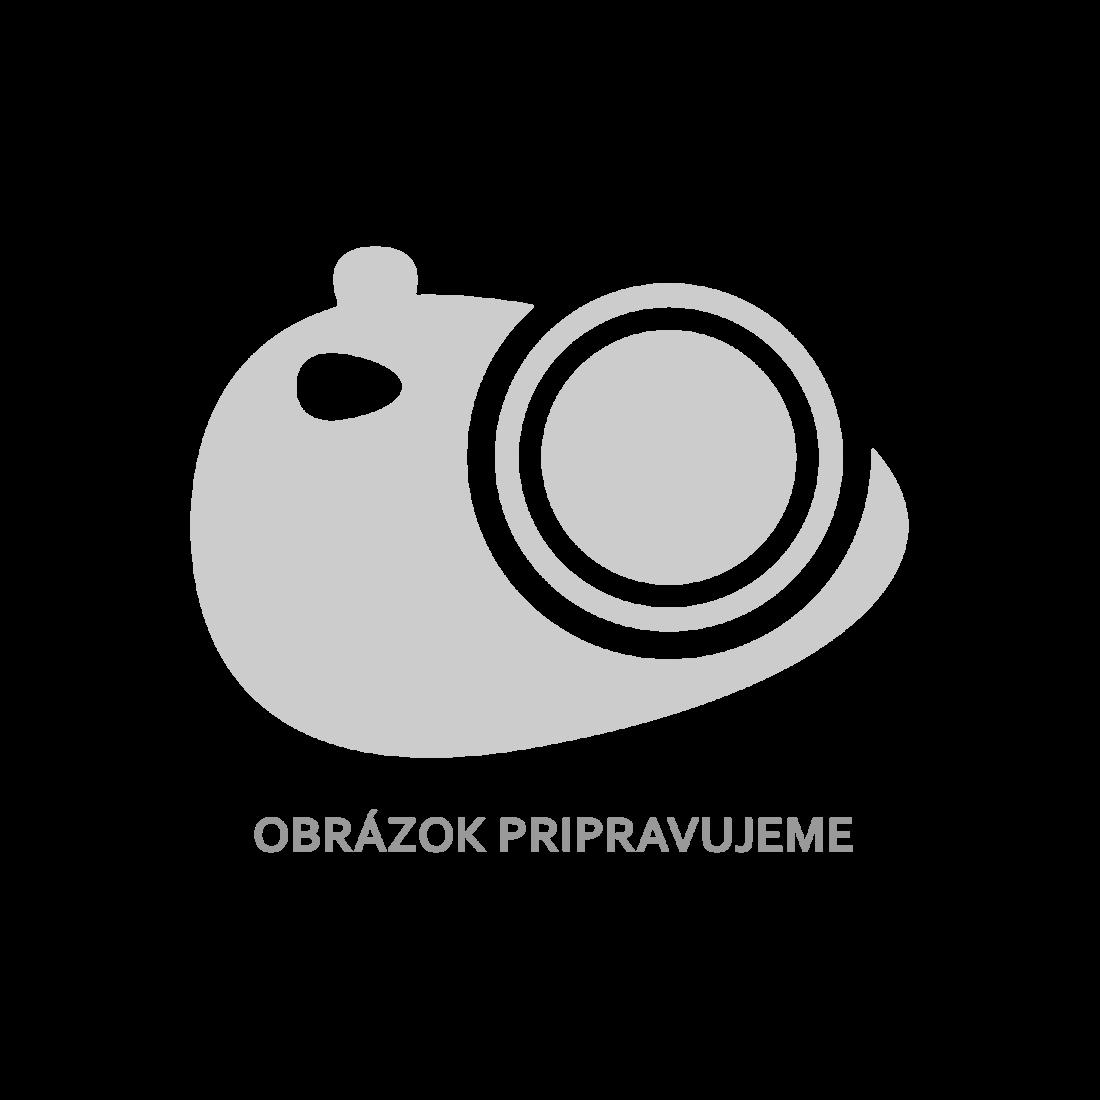 Nastaviteľná futbalová bránka s odrazovou sieťou, 100 x 100 cm